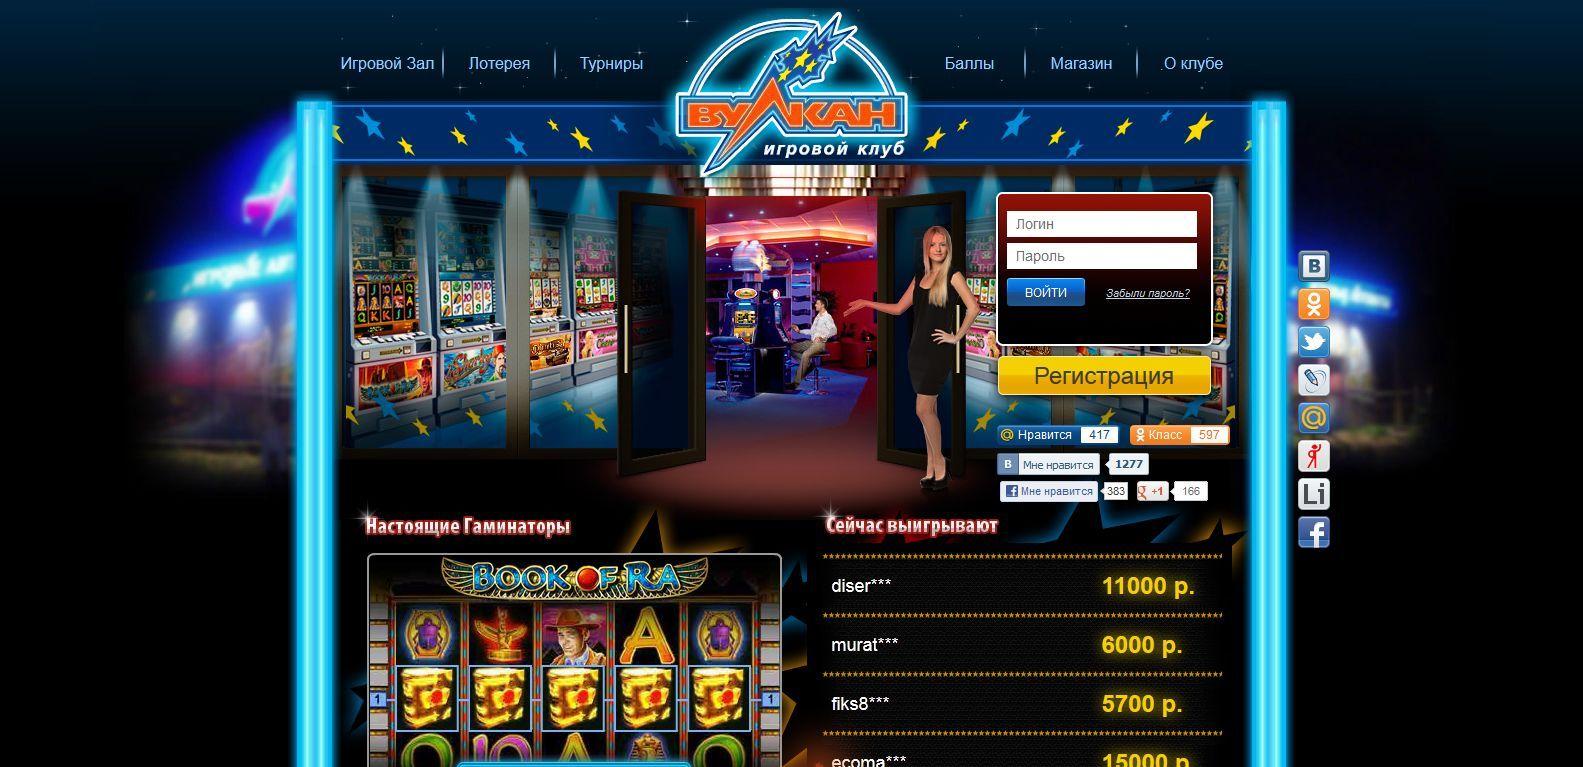 Как выиграть в игровые аппараты при помощи определённой комбинации игровые автоматы igt в интернет казино